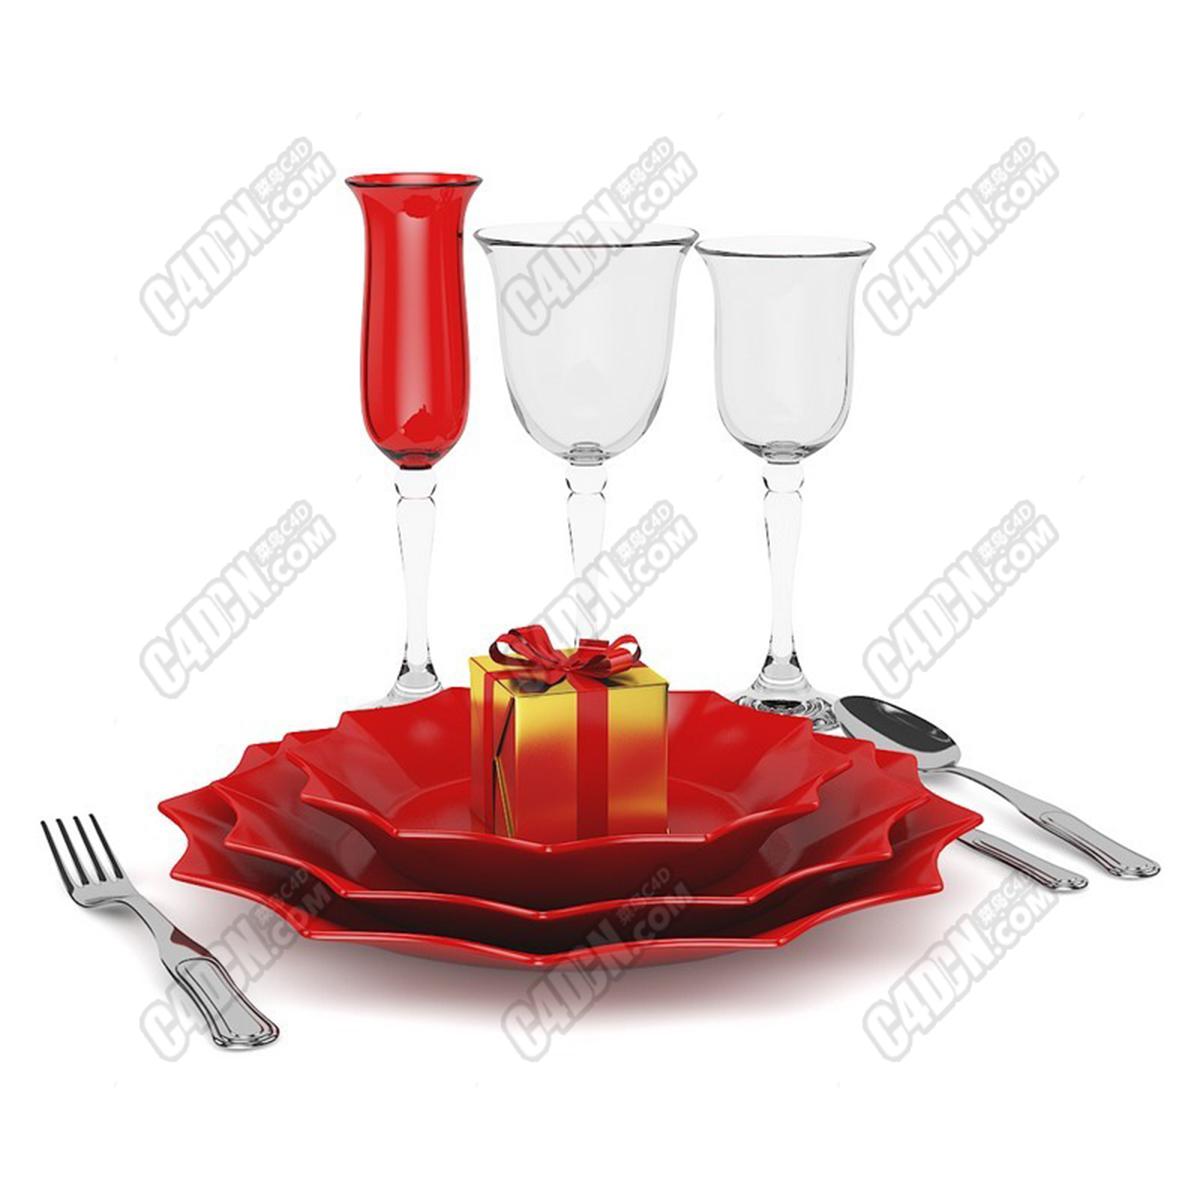 C4D高脚杯玻璃杯碟子盘子礼盒刀叉餐具模型